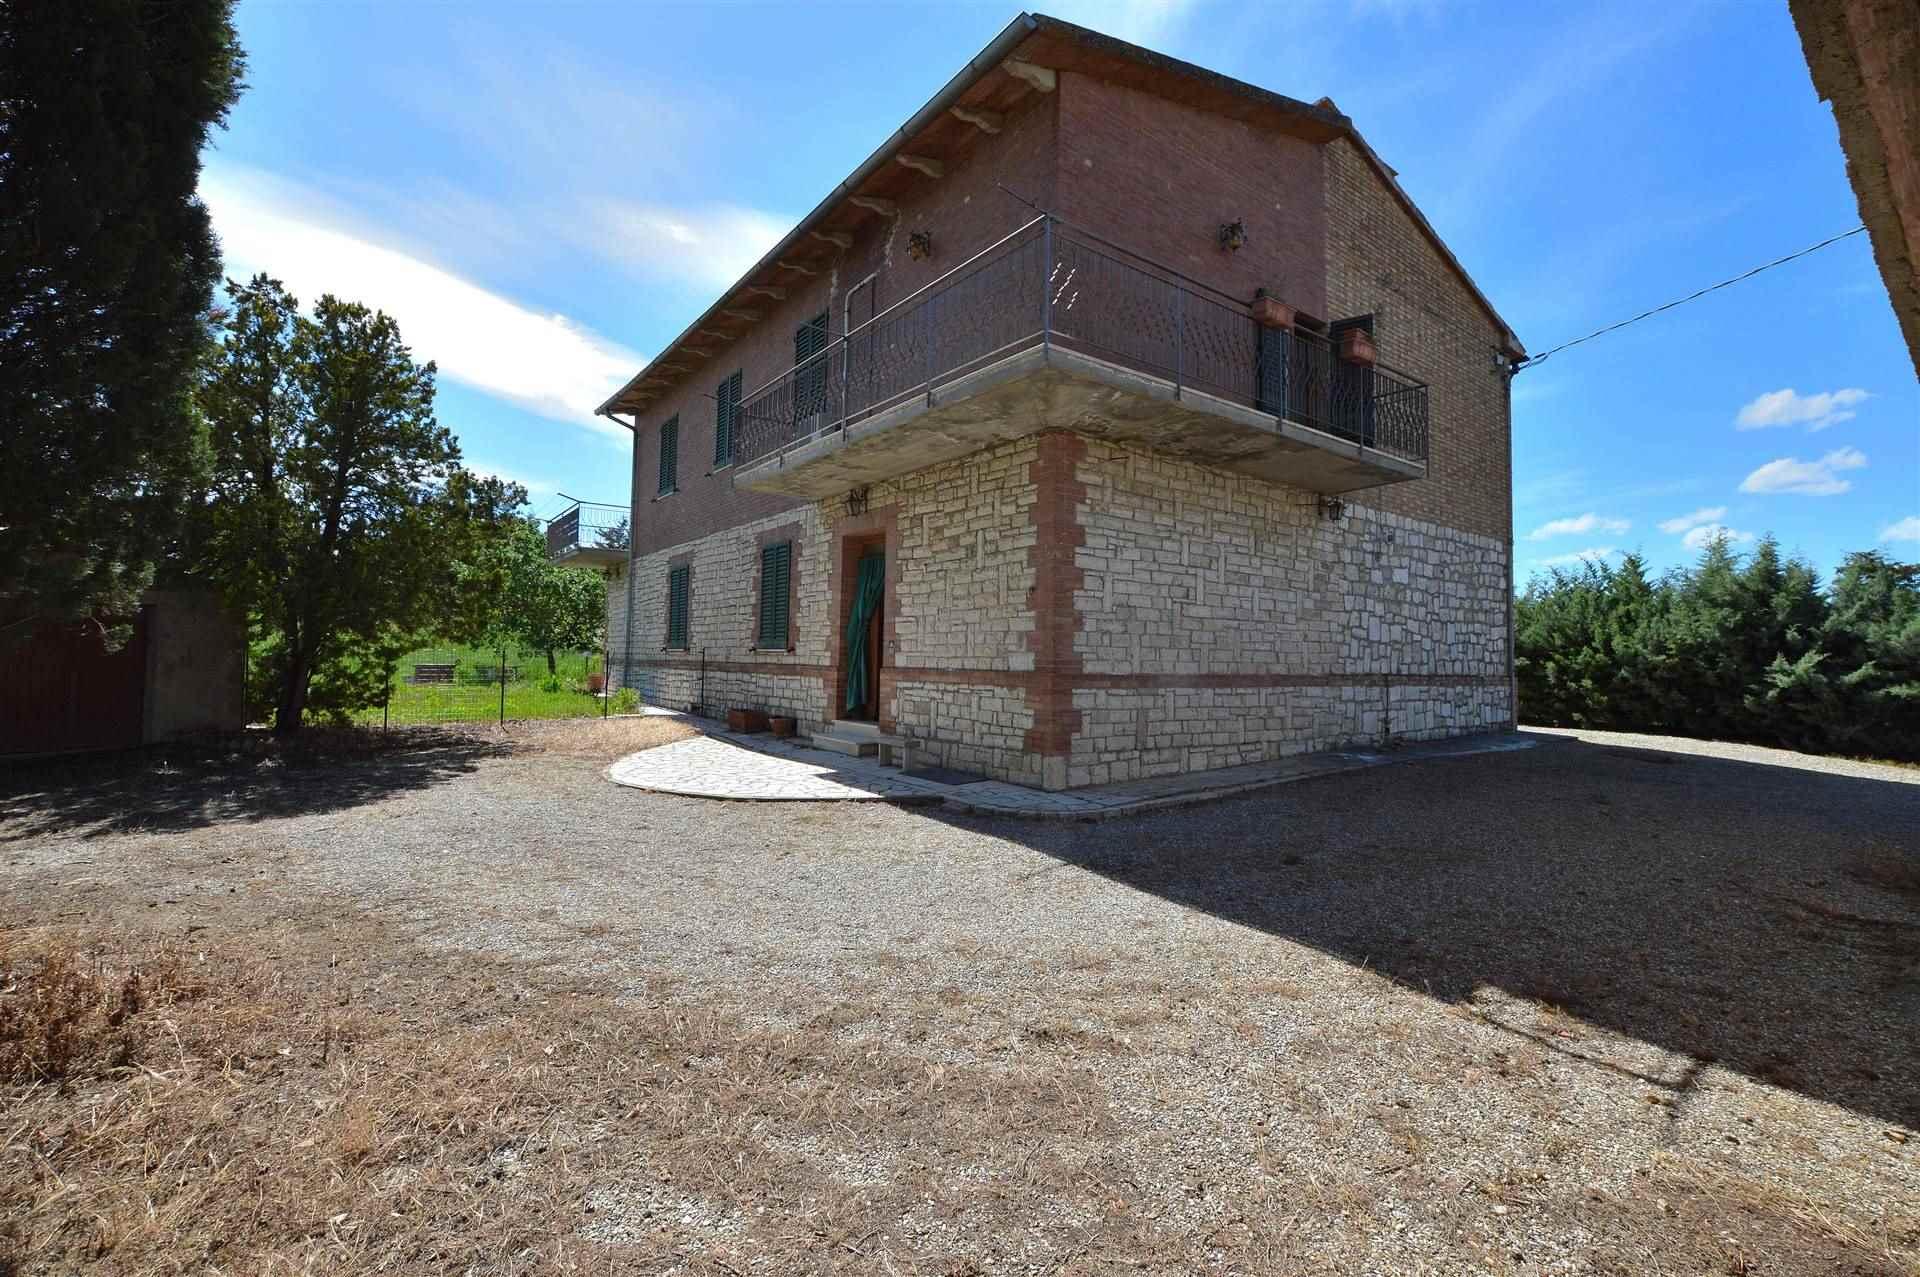 In splendida posizione panoramica con vista sul piccolo Borgo di Chiusure, proponiamo porzione di casa bifamiliare con ampio giardino disposta su due